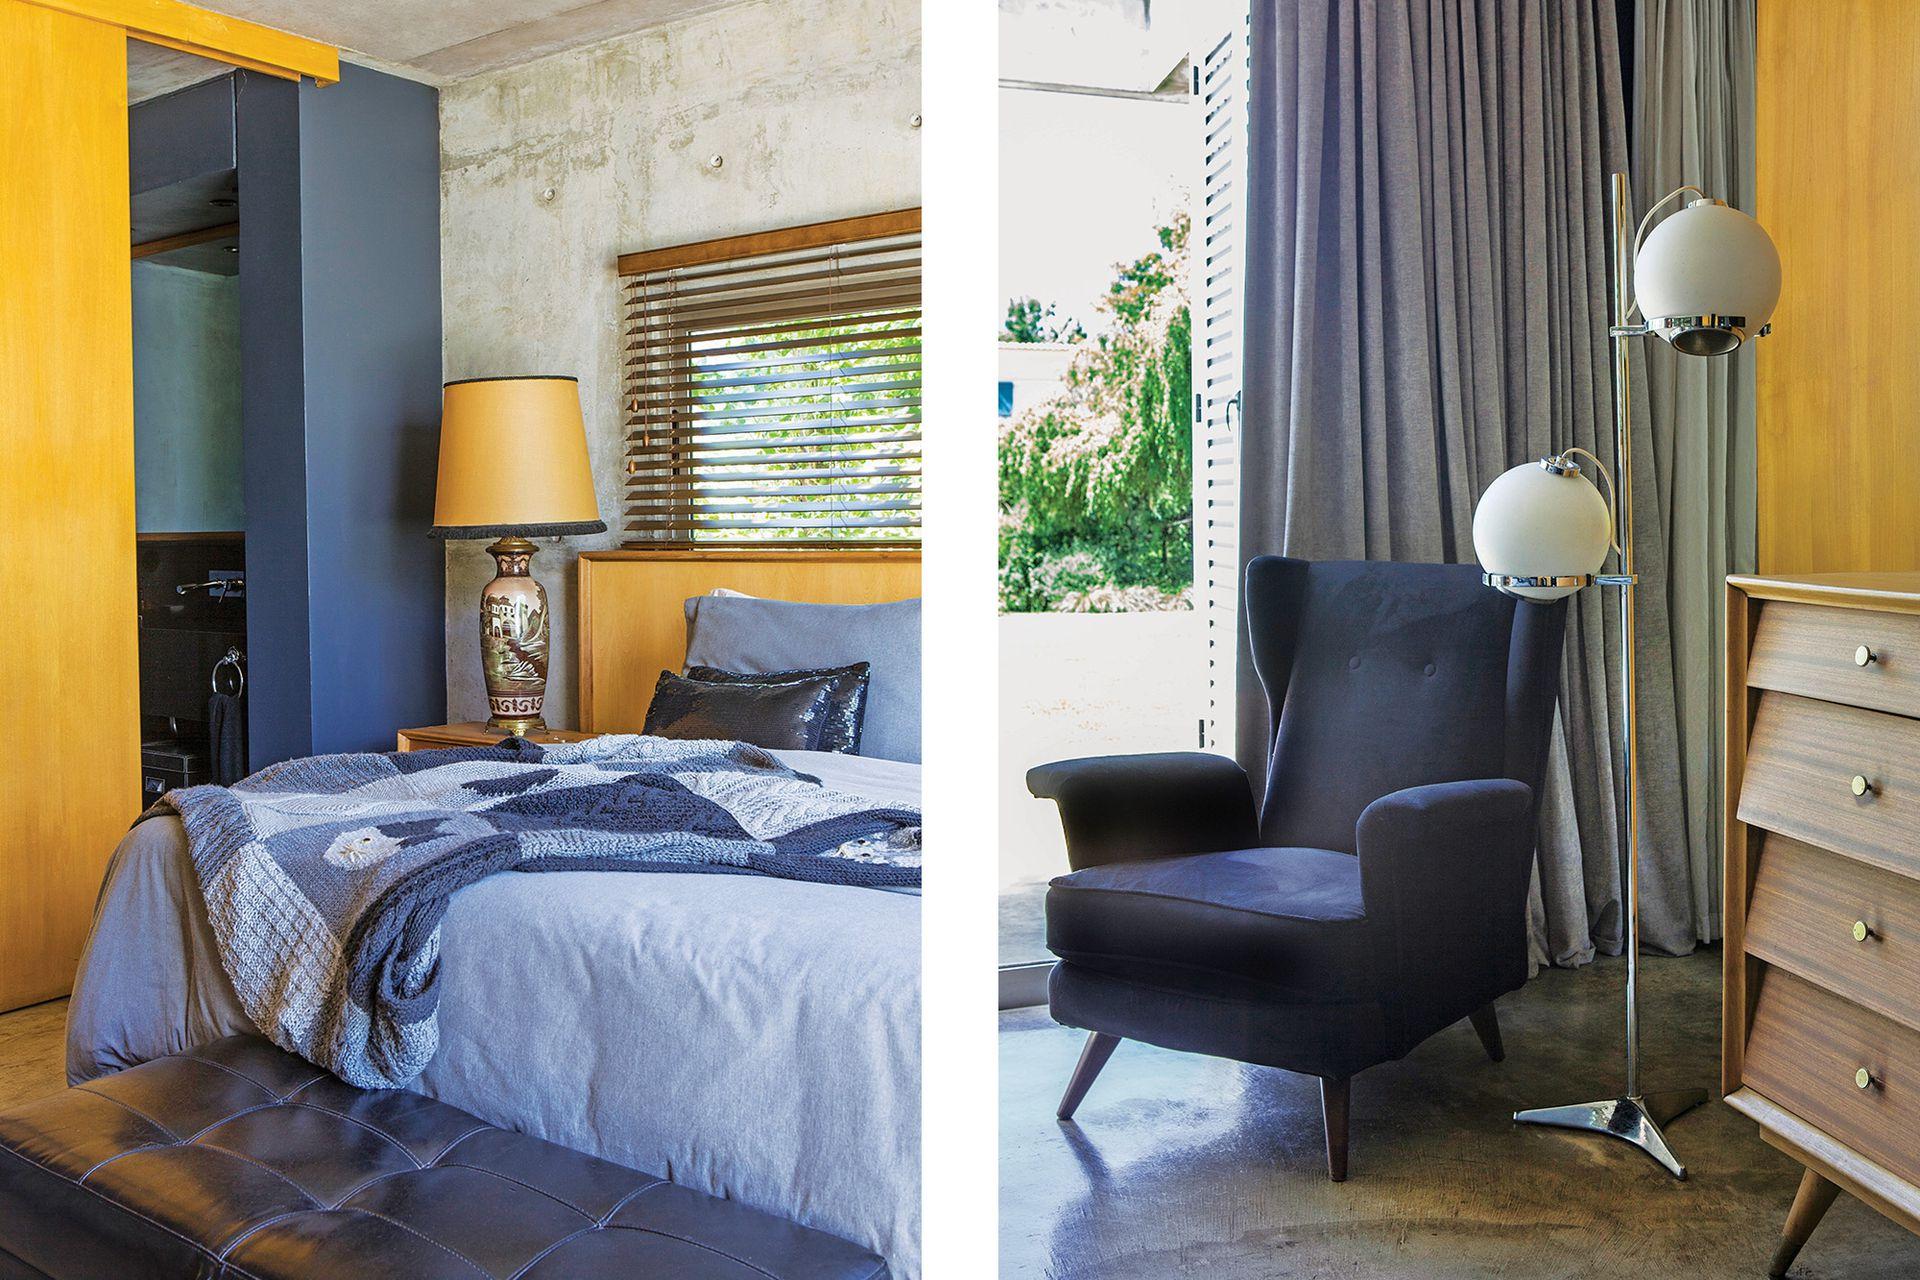 En el dormitorio, la cómoda estilo americano (Chez Carolaine Decor) es iluminada por una lámpara retro de pie (Gropius).